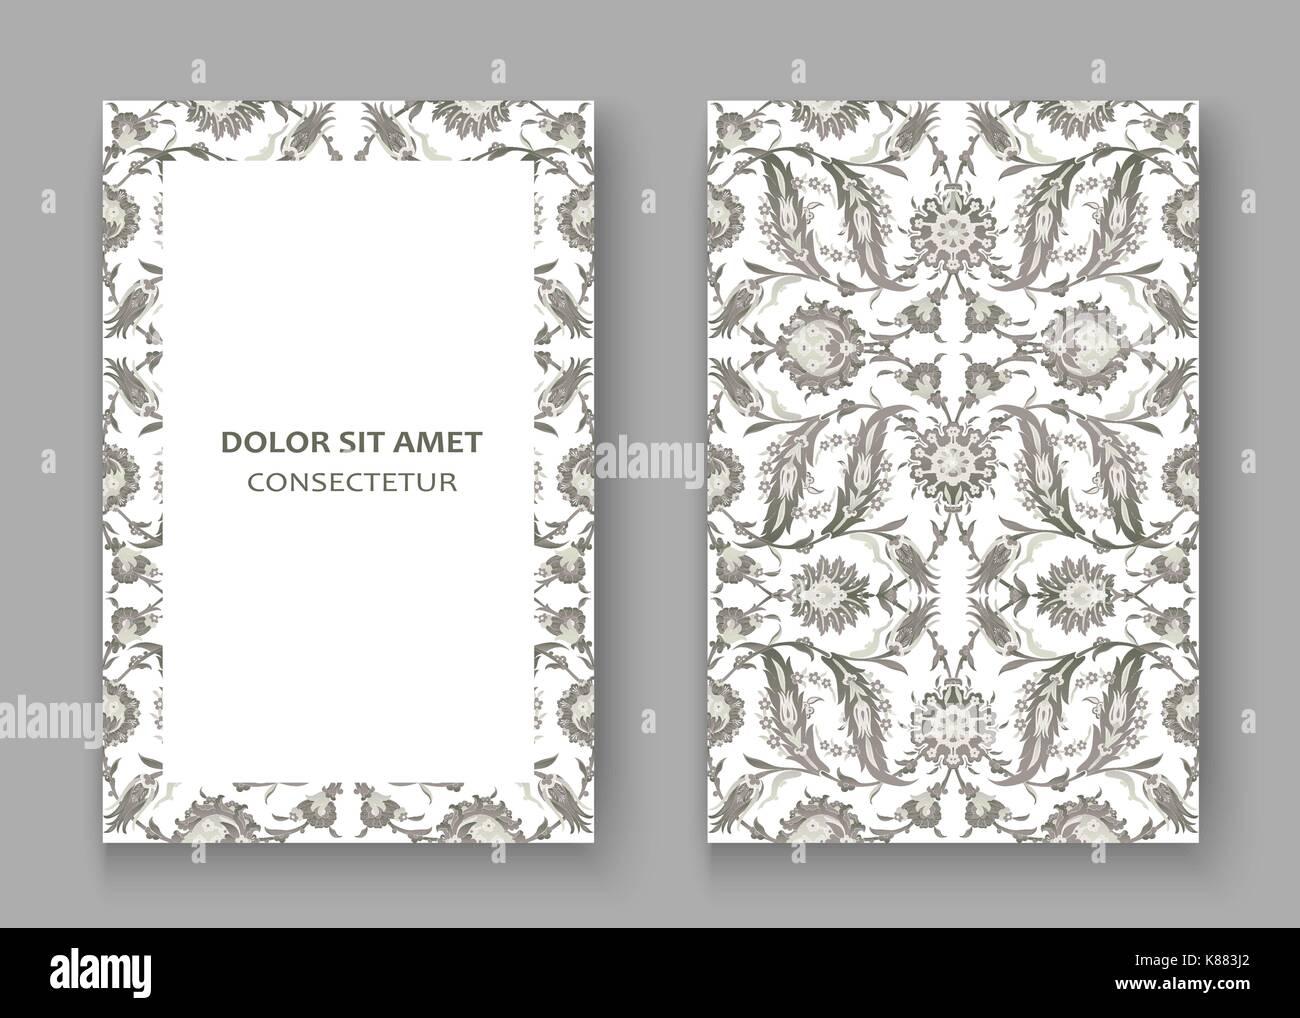 Grey Pattern Imágenes De Stock & Grey Pattern Fotos De Stock ...